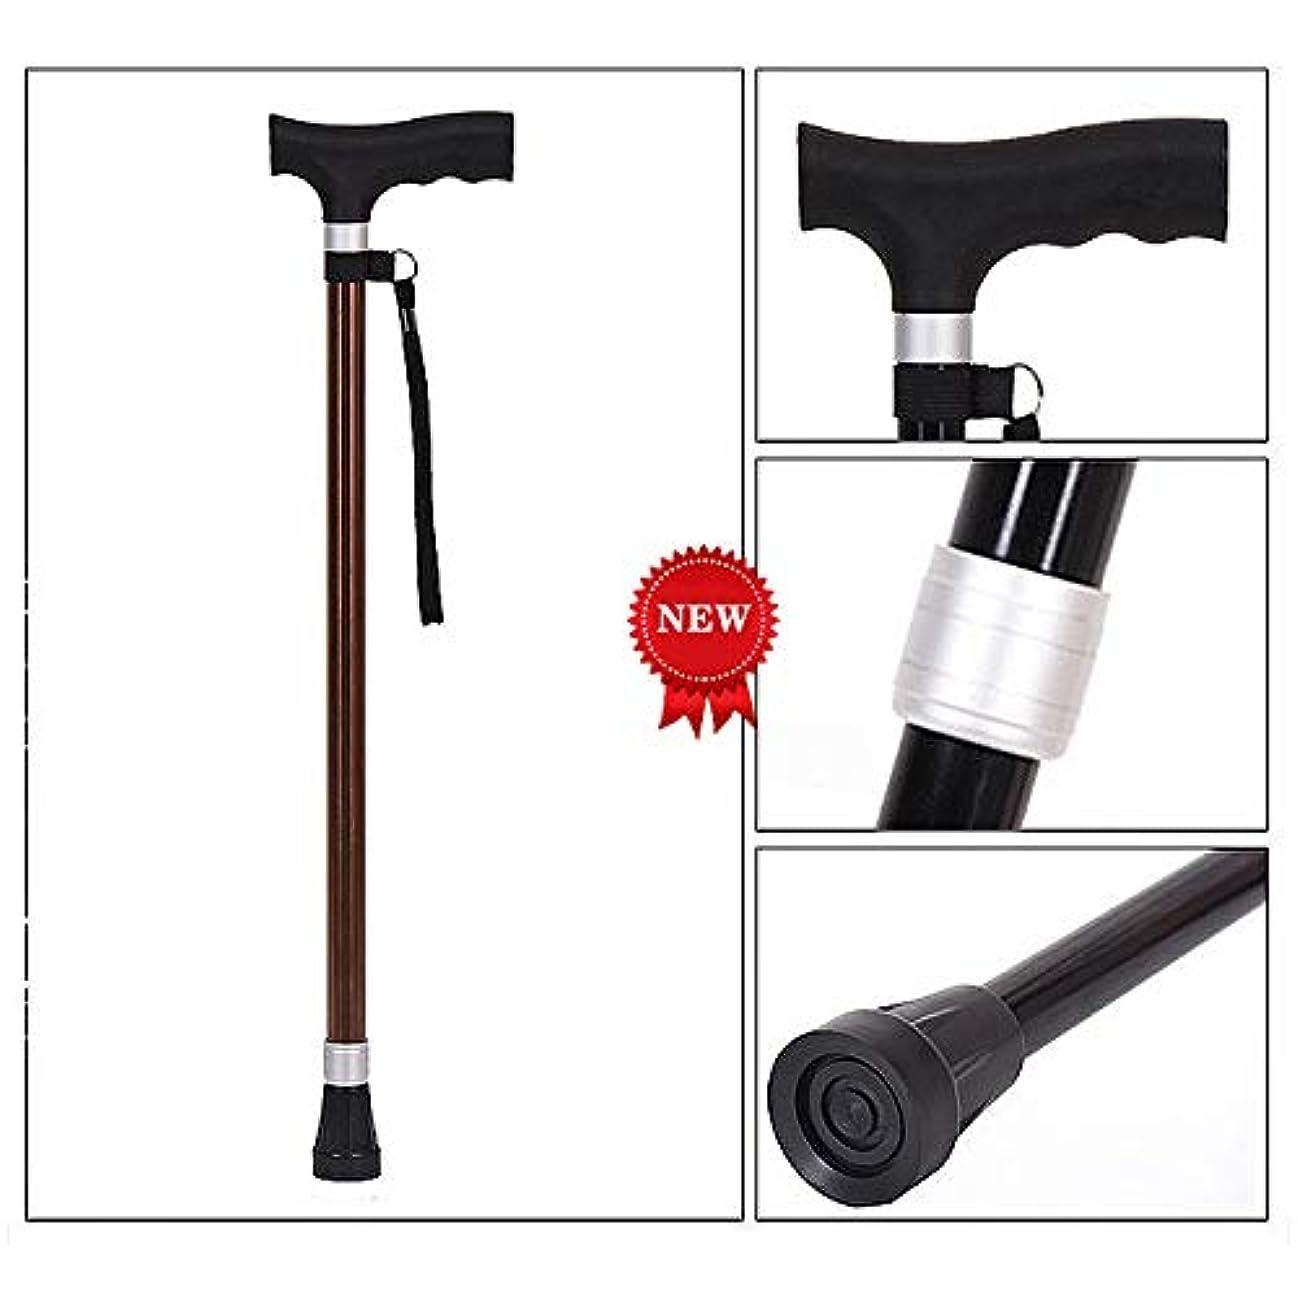 キラウエア山大使館発行ライトのない高齢者用松葉杖、老人用伸縮スティック、多機能松葉杖、滑り止めアルミニウム合金ウォーキングスティック(F21),ブラウン